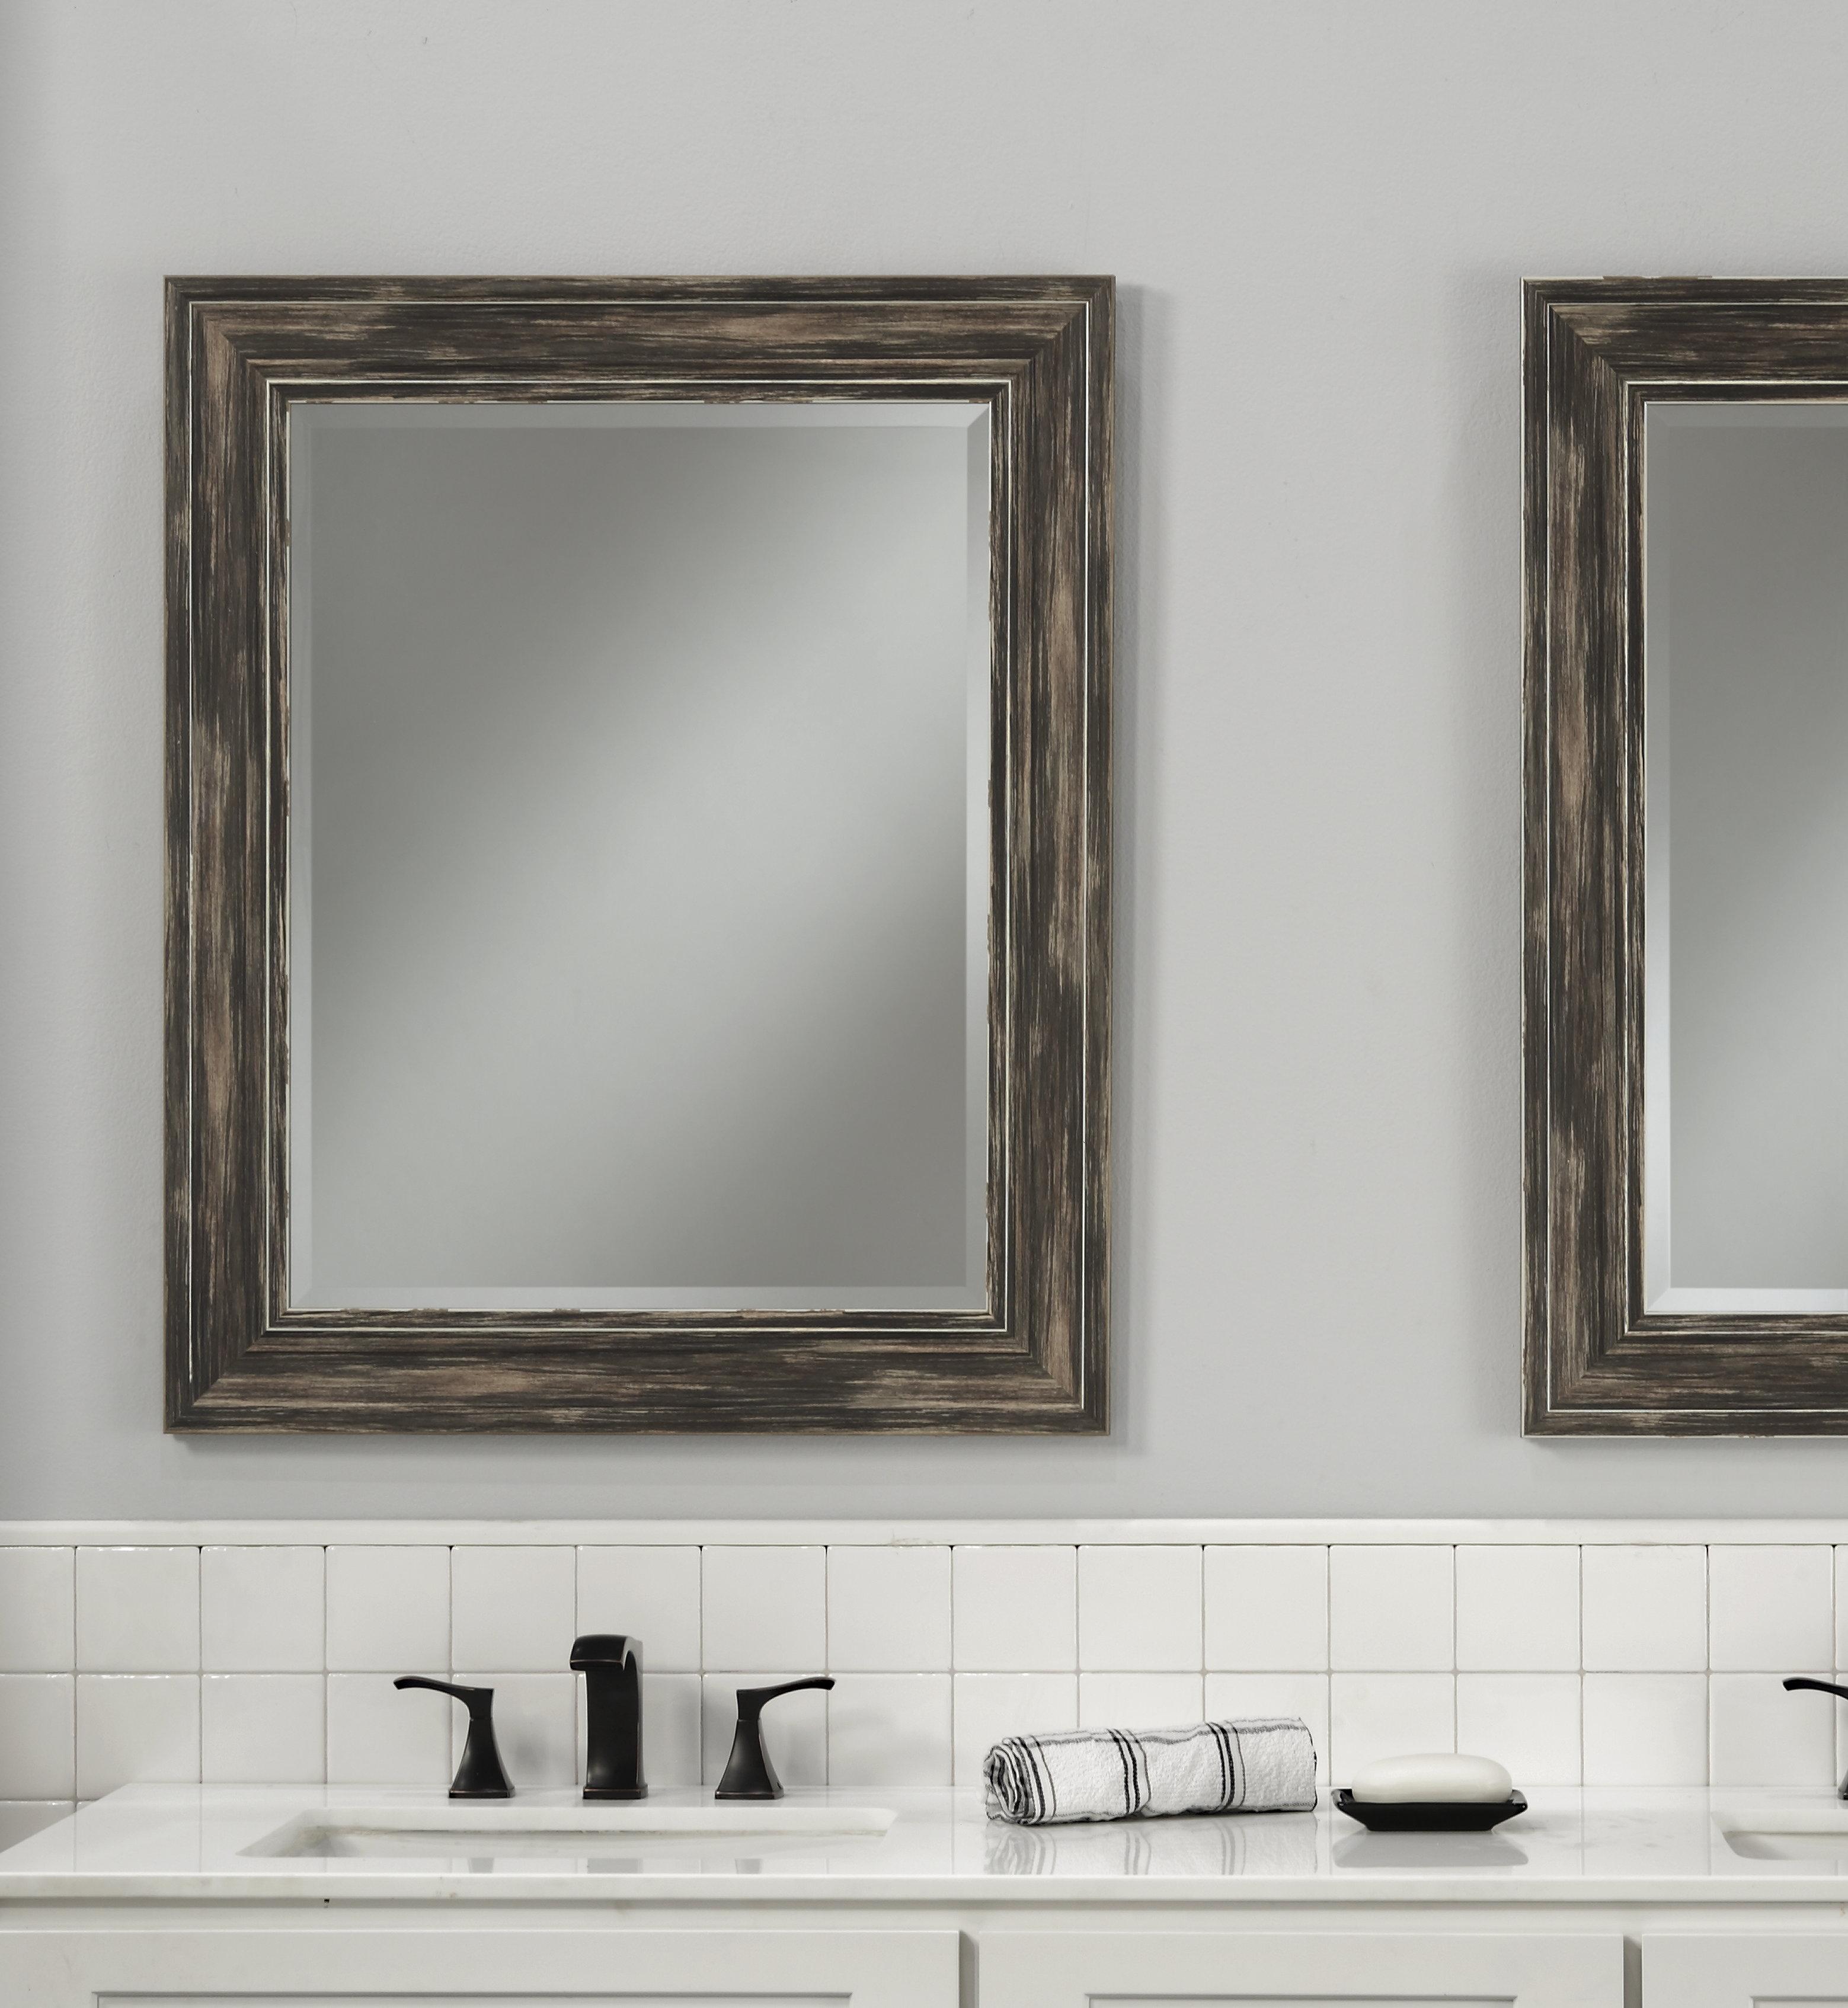 Trent Austin Design Bartolo Accent Mirror & Reviews | Wayfair Regarding Bartolo Accent Mirrors (Image 16 of 20)